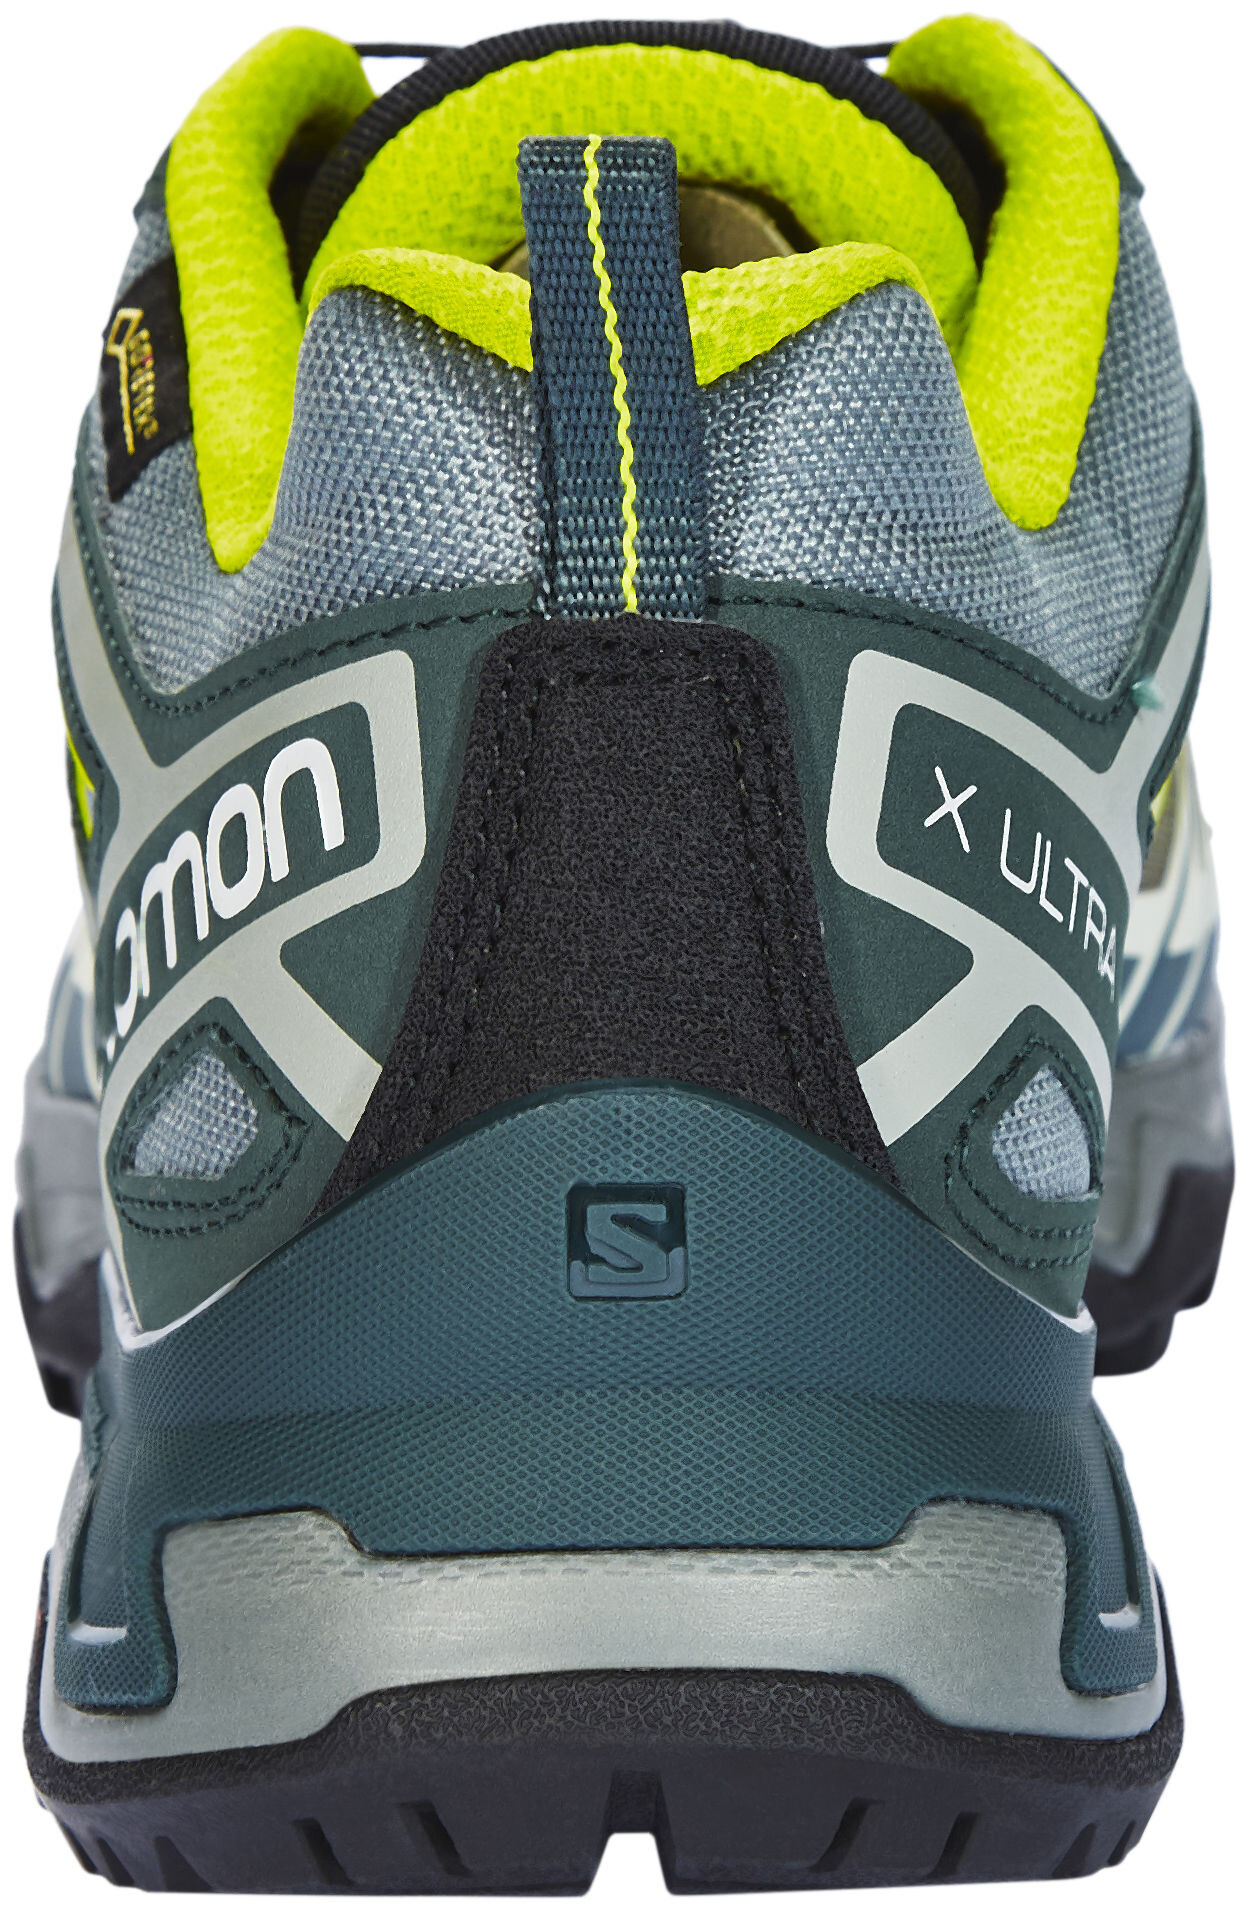 Pétrole Homme Ultra Jaunebleu X Gtx Chaussures Sur 3 Salomon vXxw0x